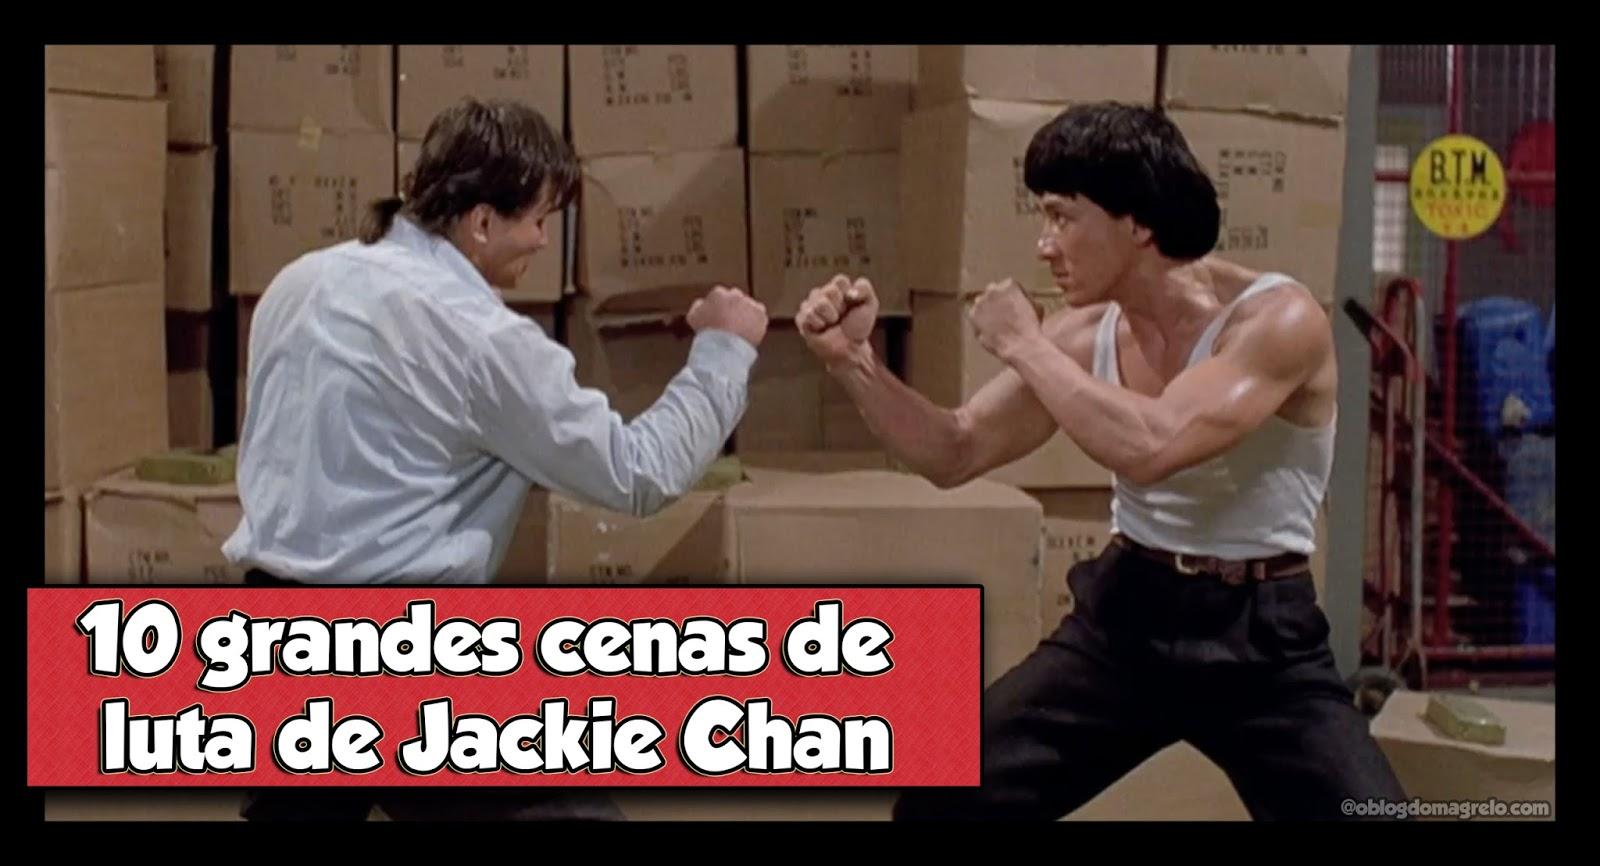 10 grandes cenas de luta de Jackie Chan